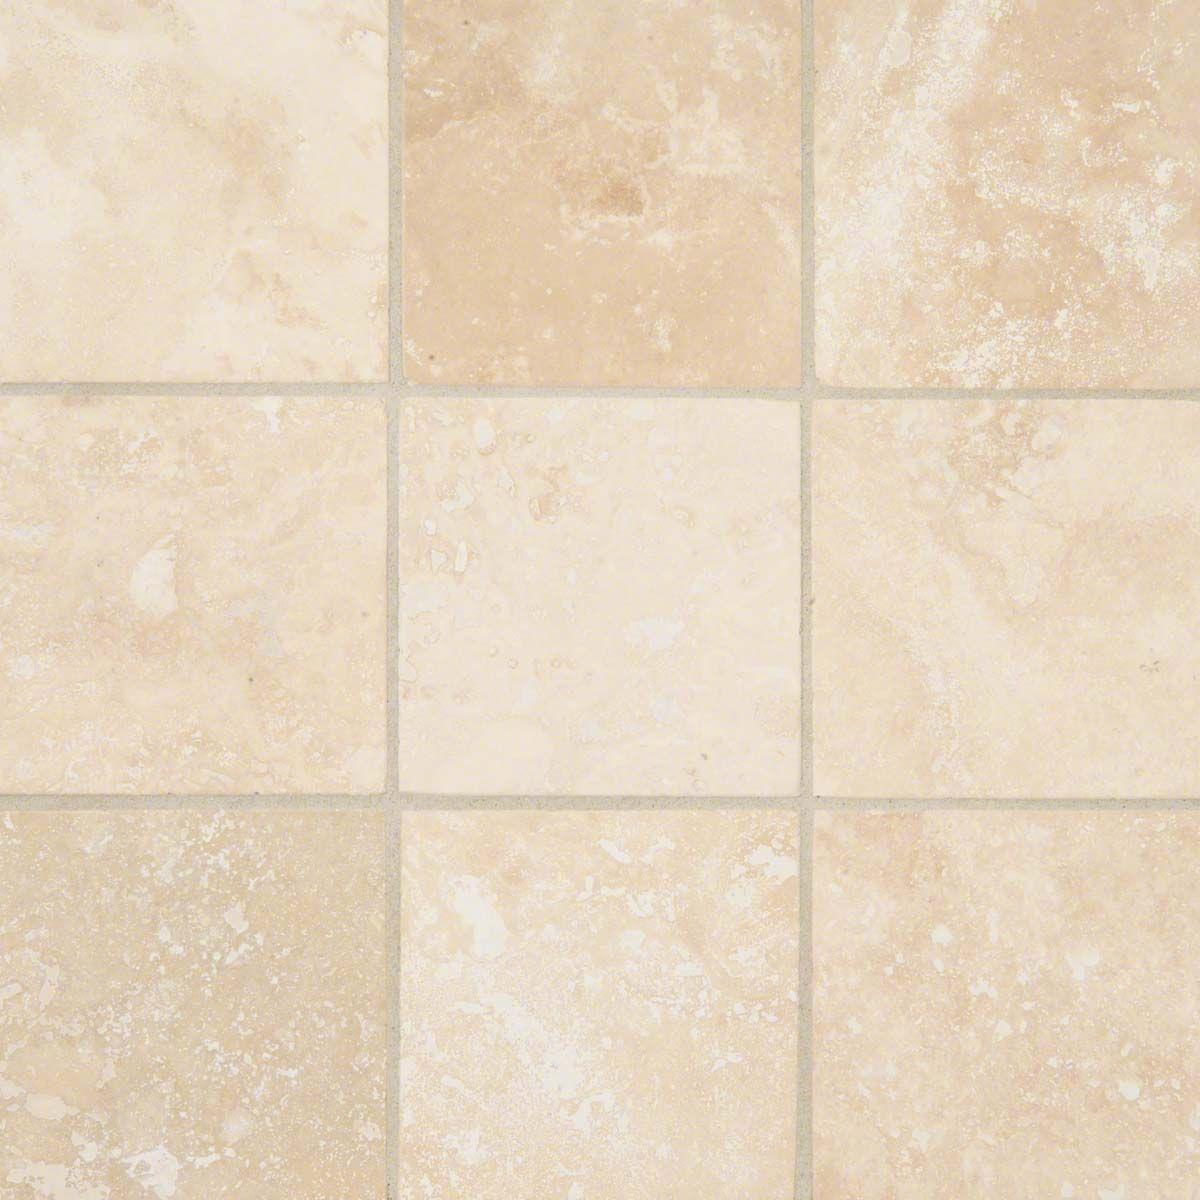 Ivory travertine 4x4 honed and beveled tile travertine backsplash ivory travertine 4x4 honed and beveled tile travertine backsplash wall tile dailygadgetfo Choice Image